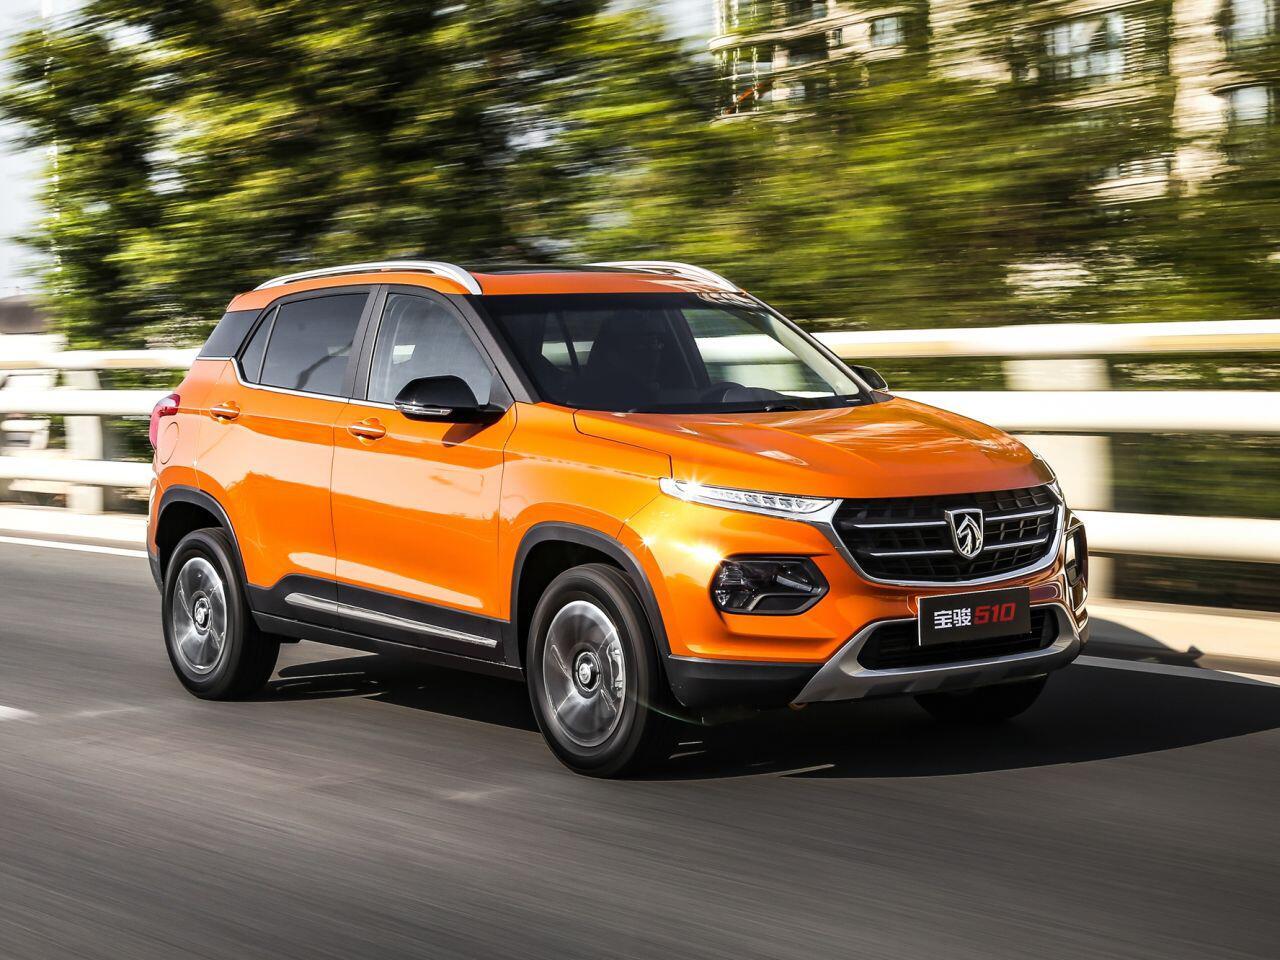 Bild zu Toyota, VW und China-SUVs: Das sind die meistverkauften SUVs weltweit